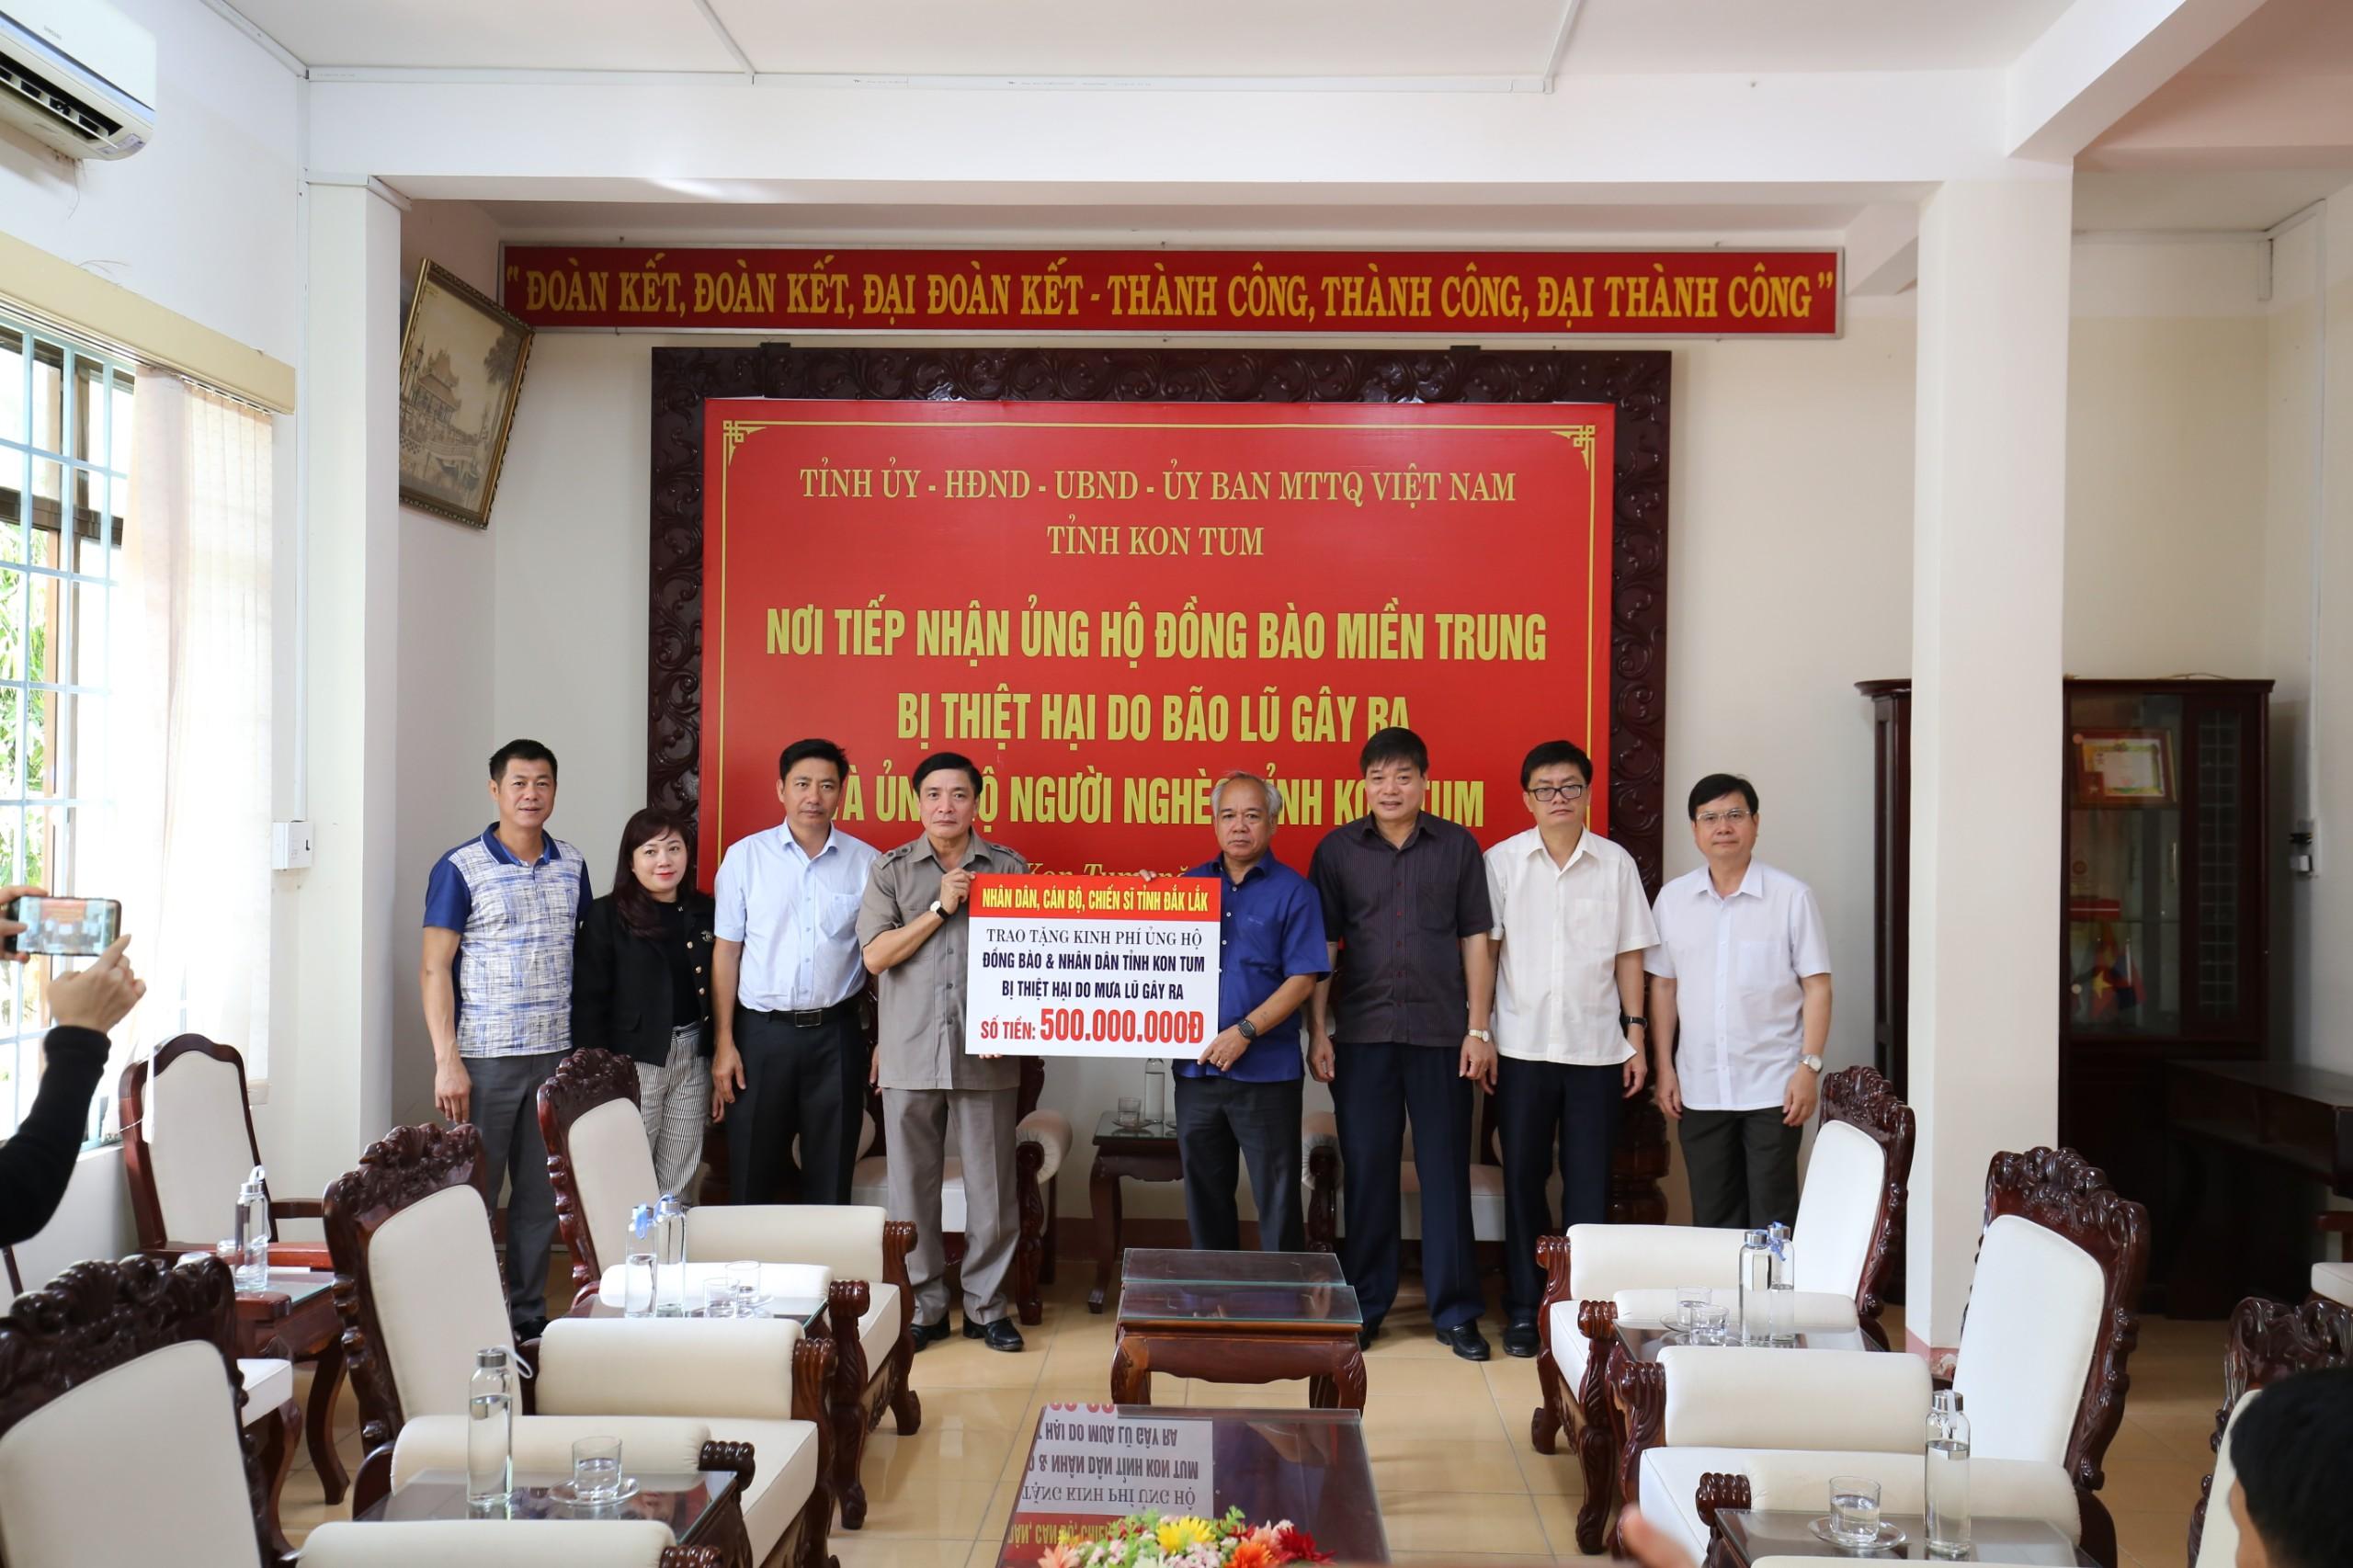 Đoàn công tác của Bí thư Tỉnh ủy Đắk Lắk đi thăm hỏi, hỗ trợ các tỉnh miền Trung, Tây Nguyên